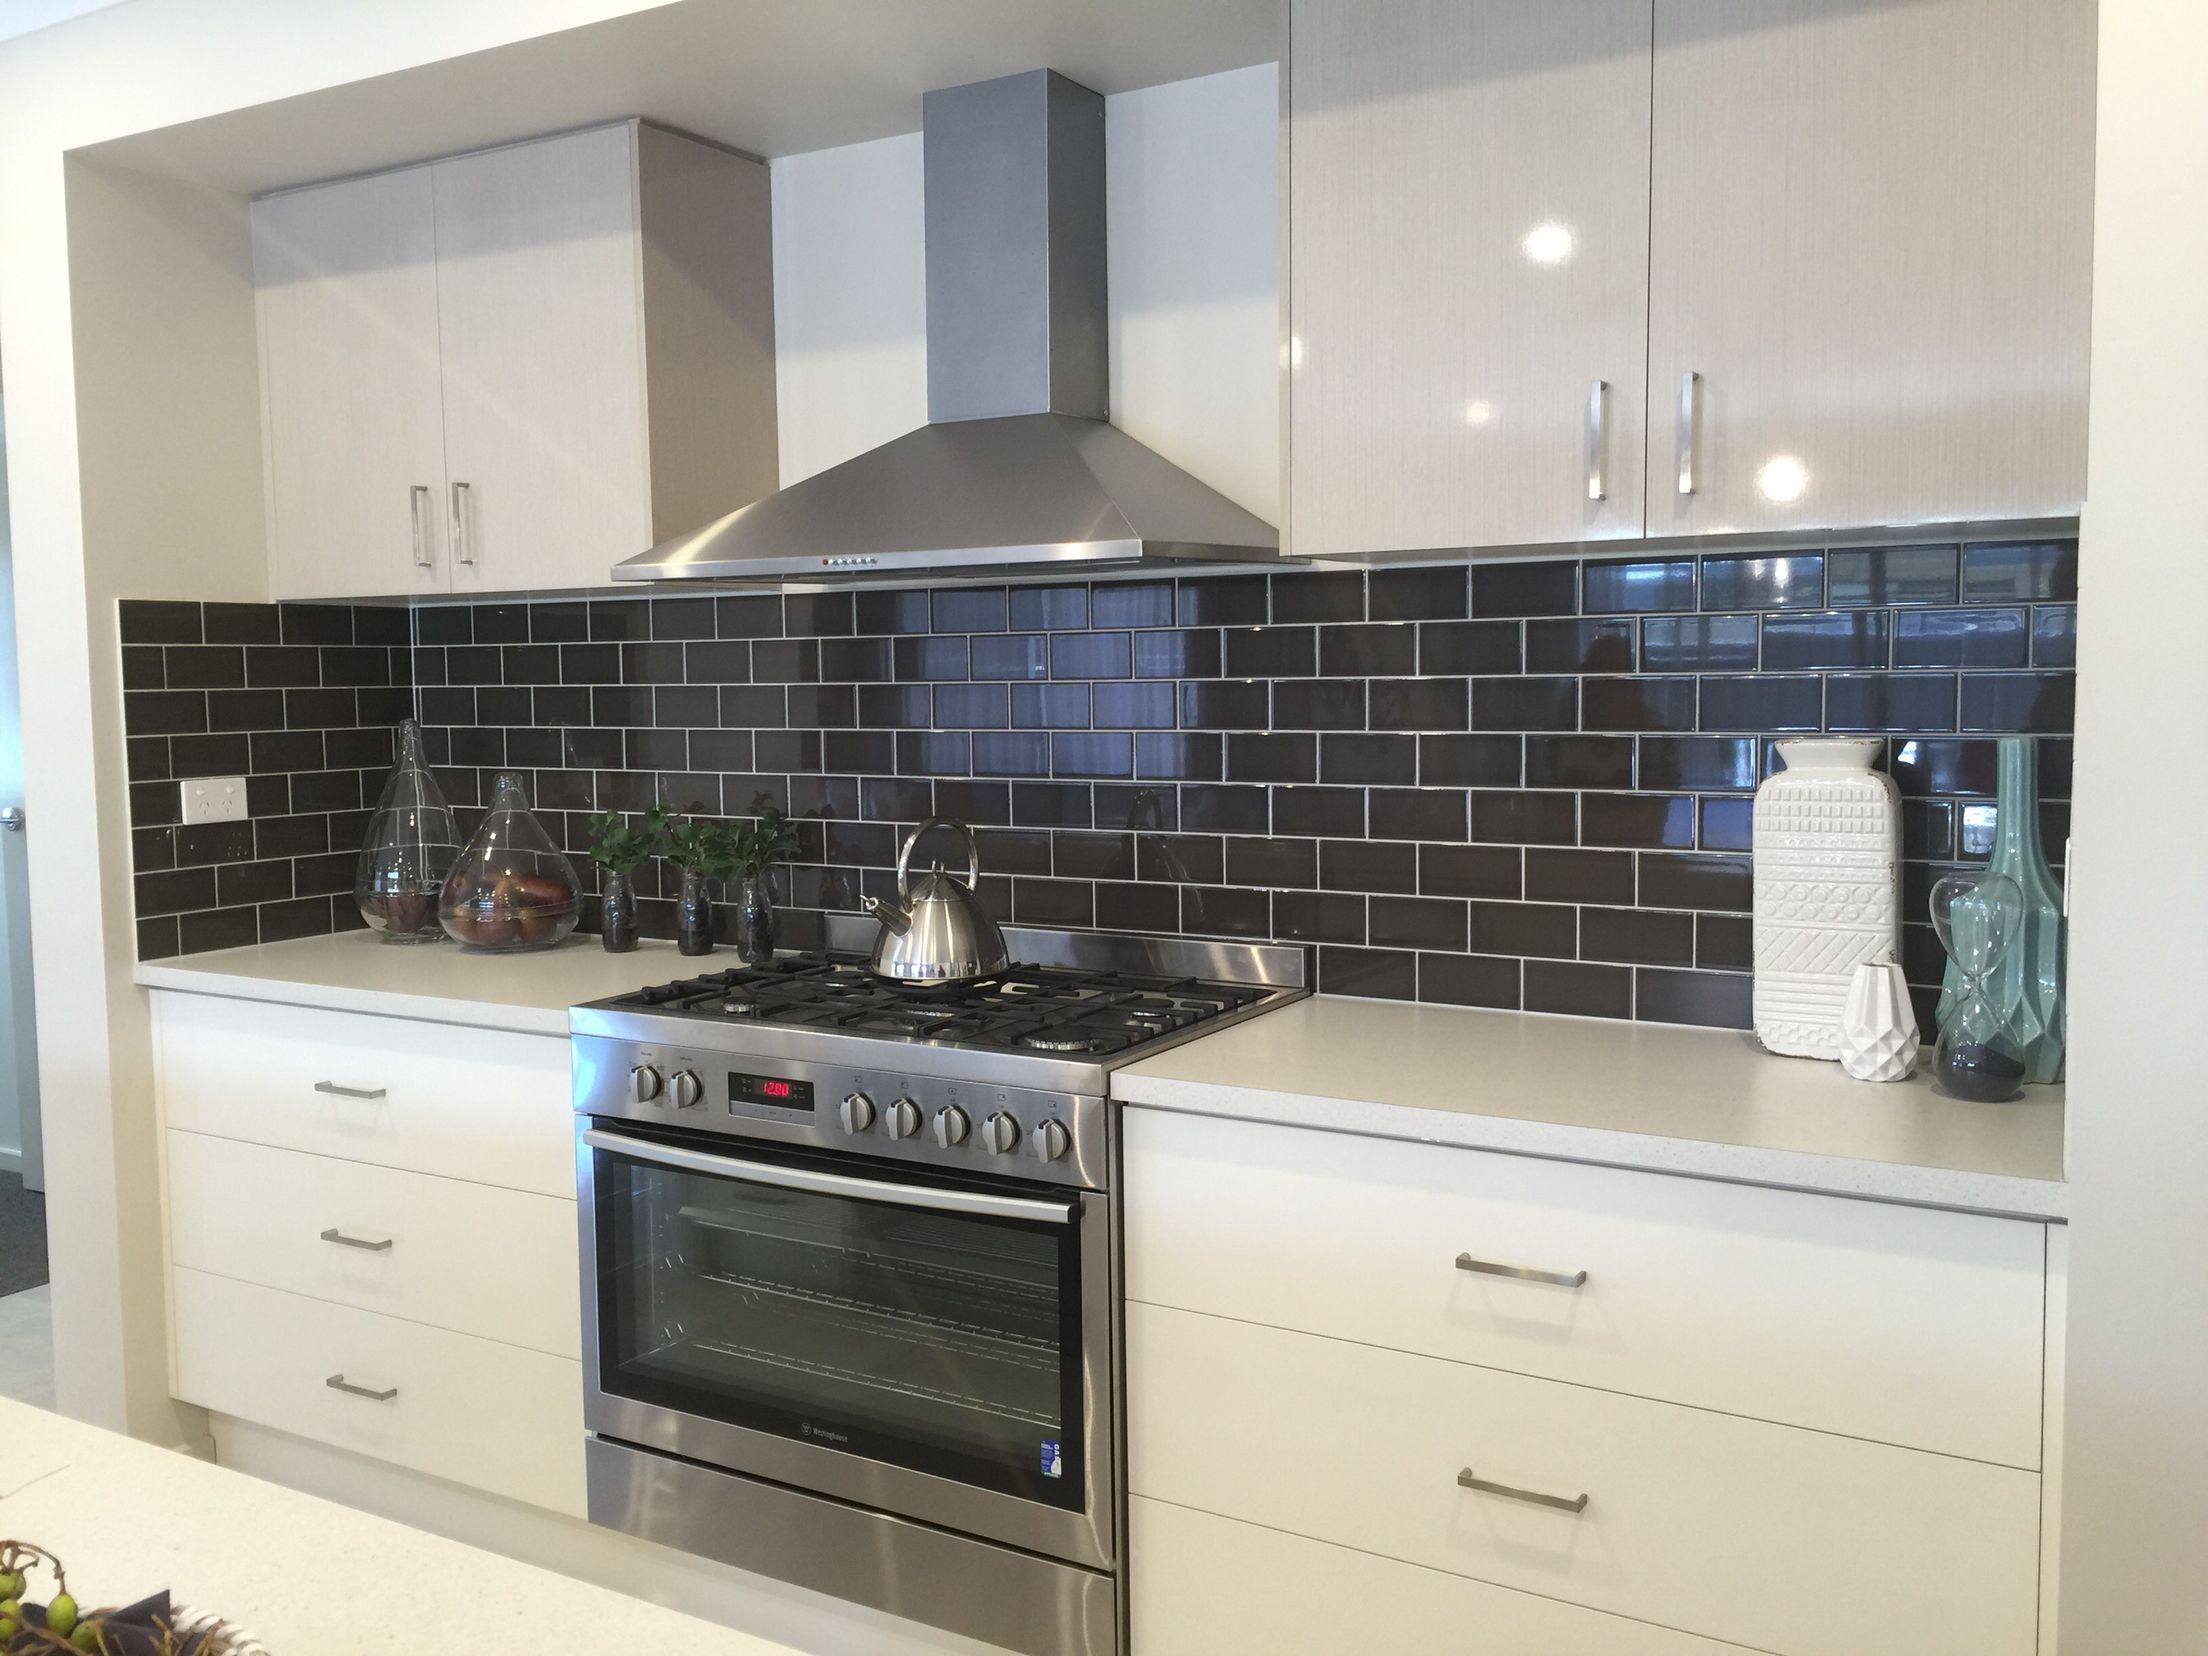 Charcoal Or Black Splashback Tiles Kitchen Splashback Designs